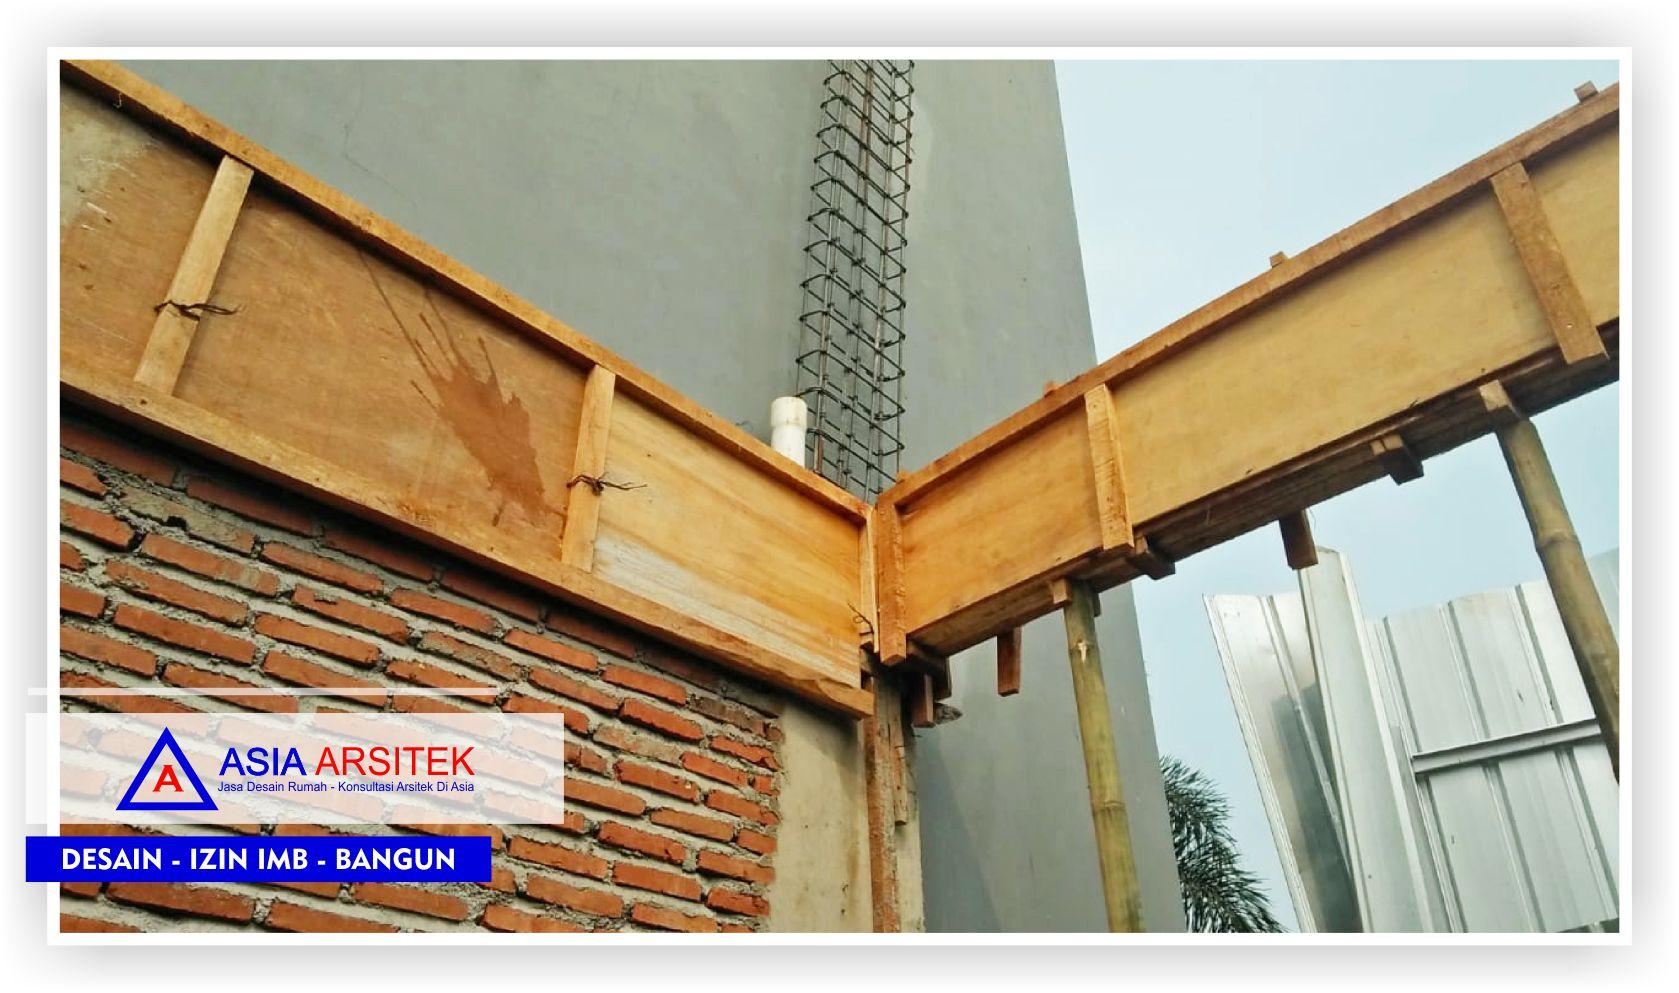 Proses-pembuatan-bekisting-struktur-balok-rumah-klasik-bu-elisa